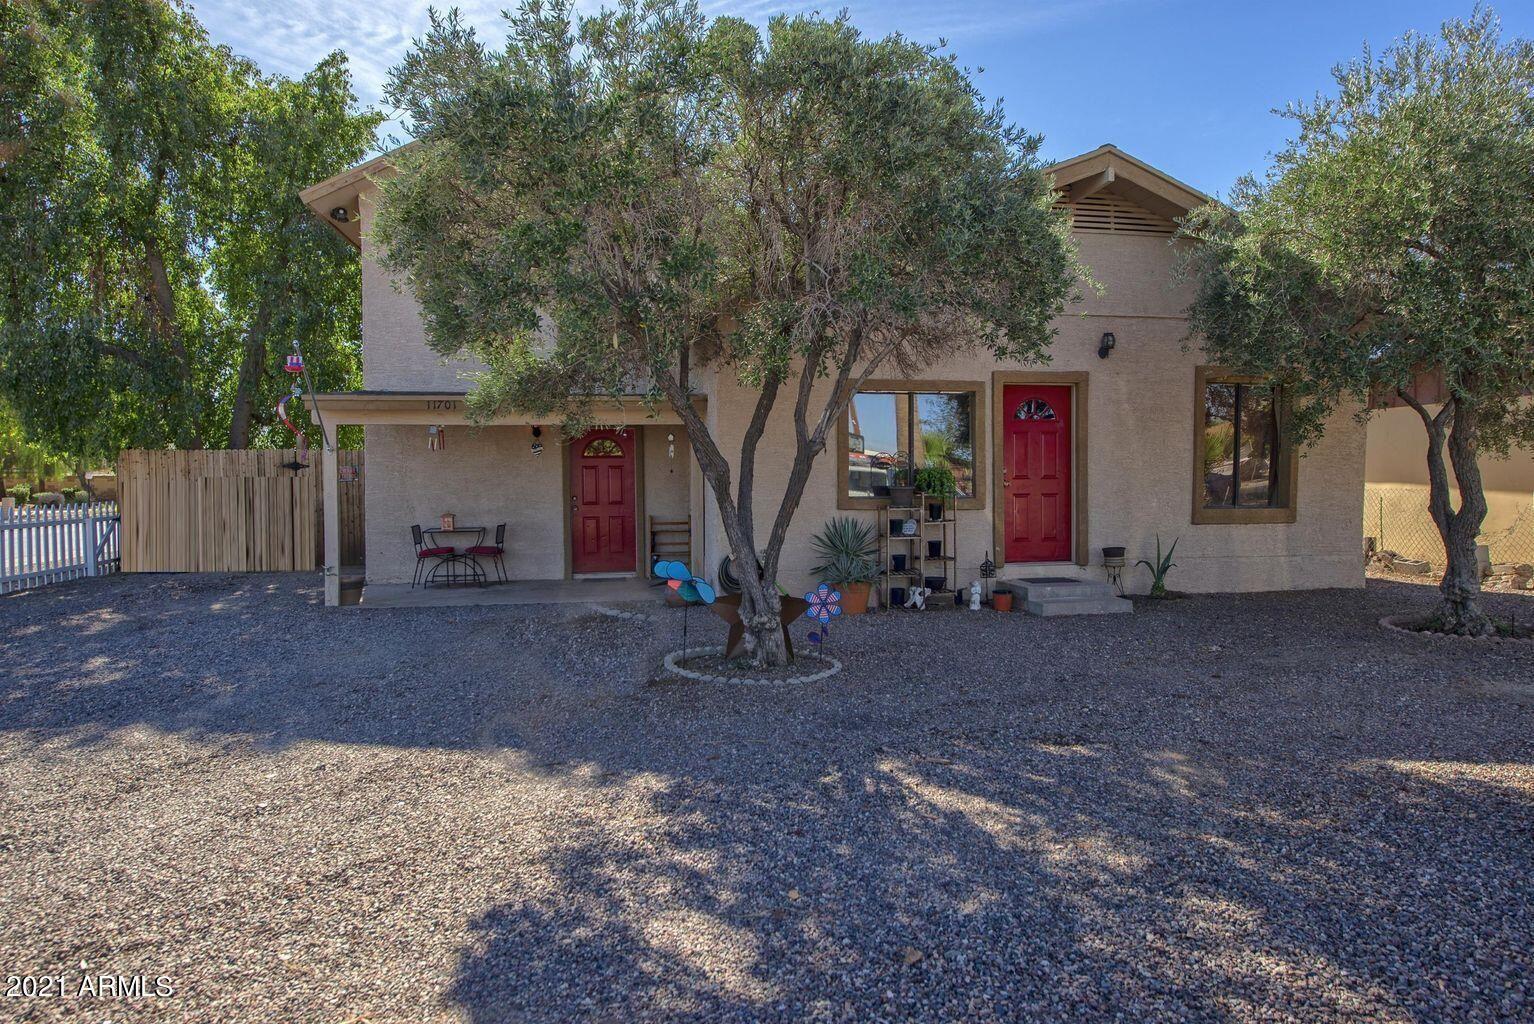 Photo of 11701 W RIVER Road, El Mirage, AZ 85335 (MLS # 6263217)